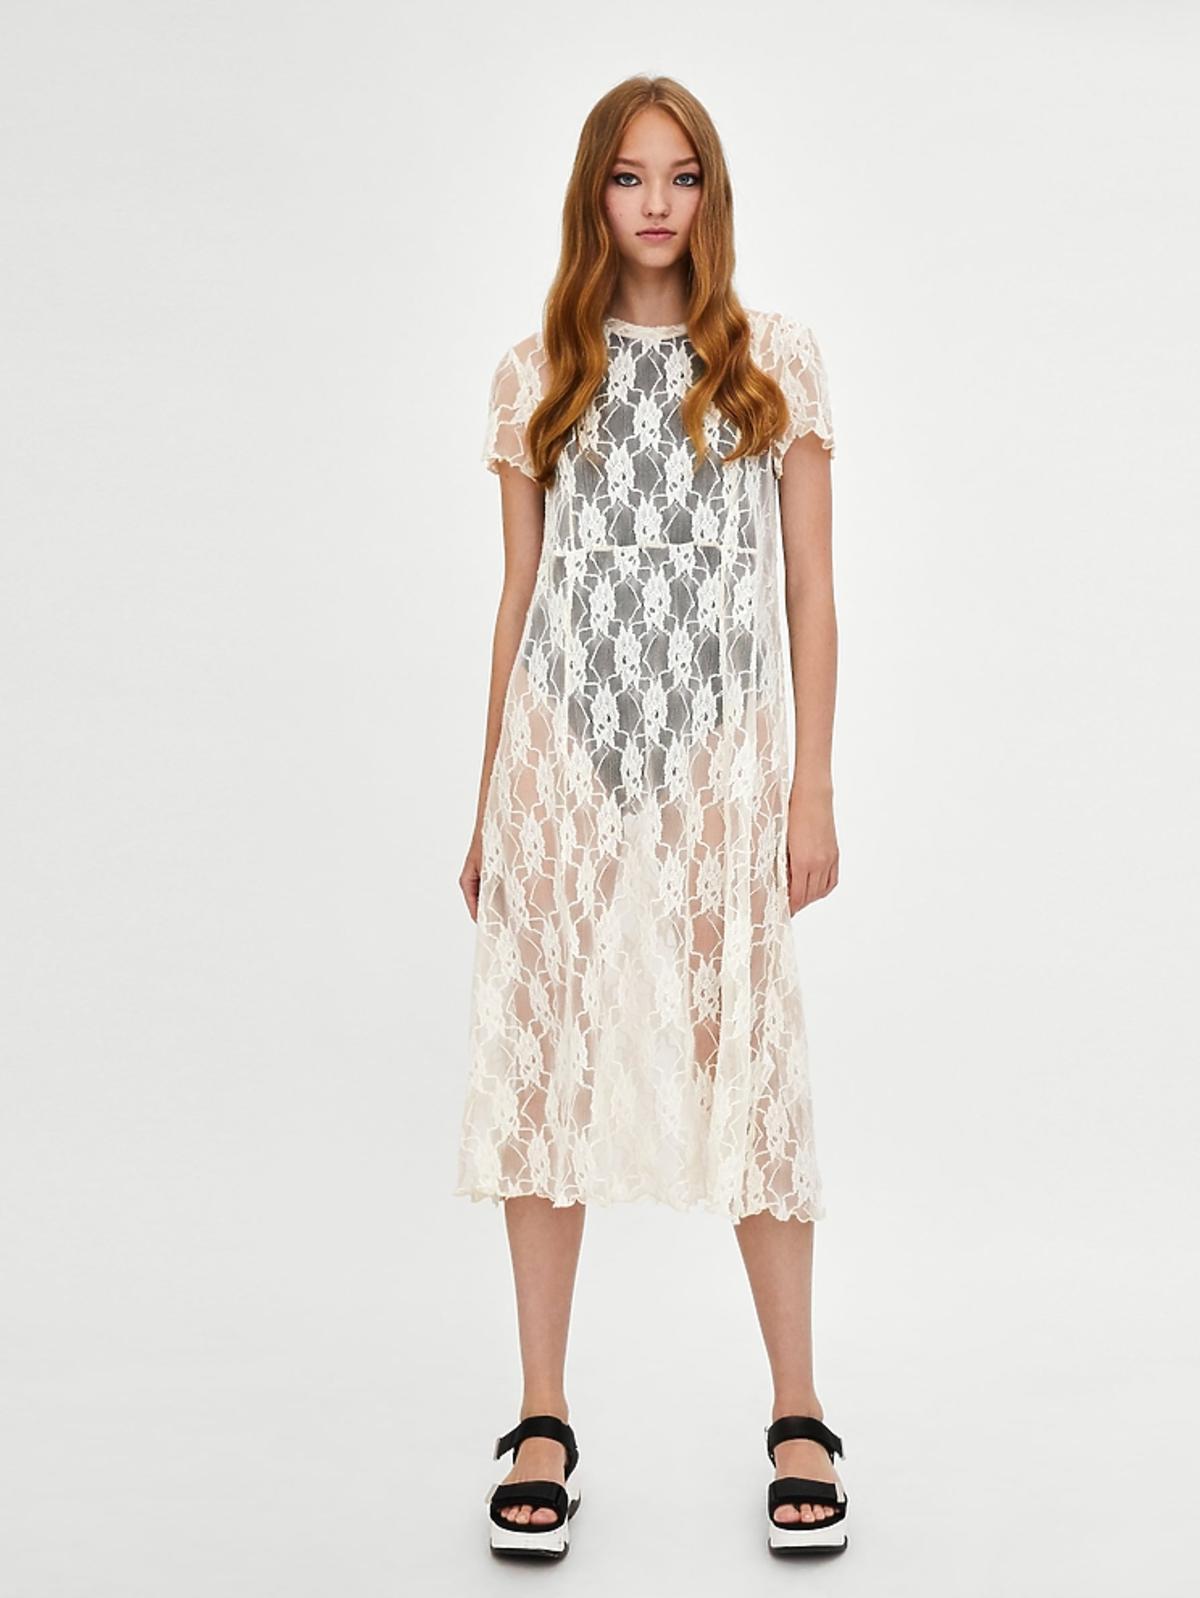 Koronkowa sukienka, 49,90 zł